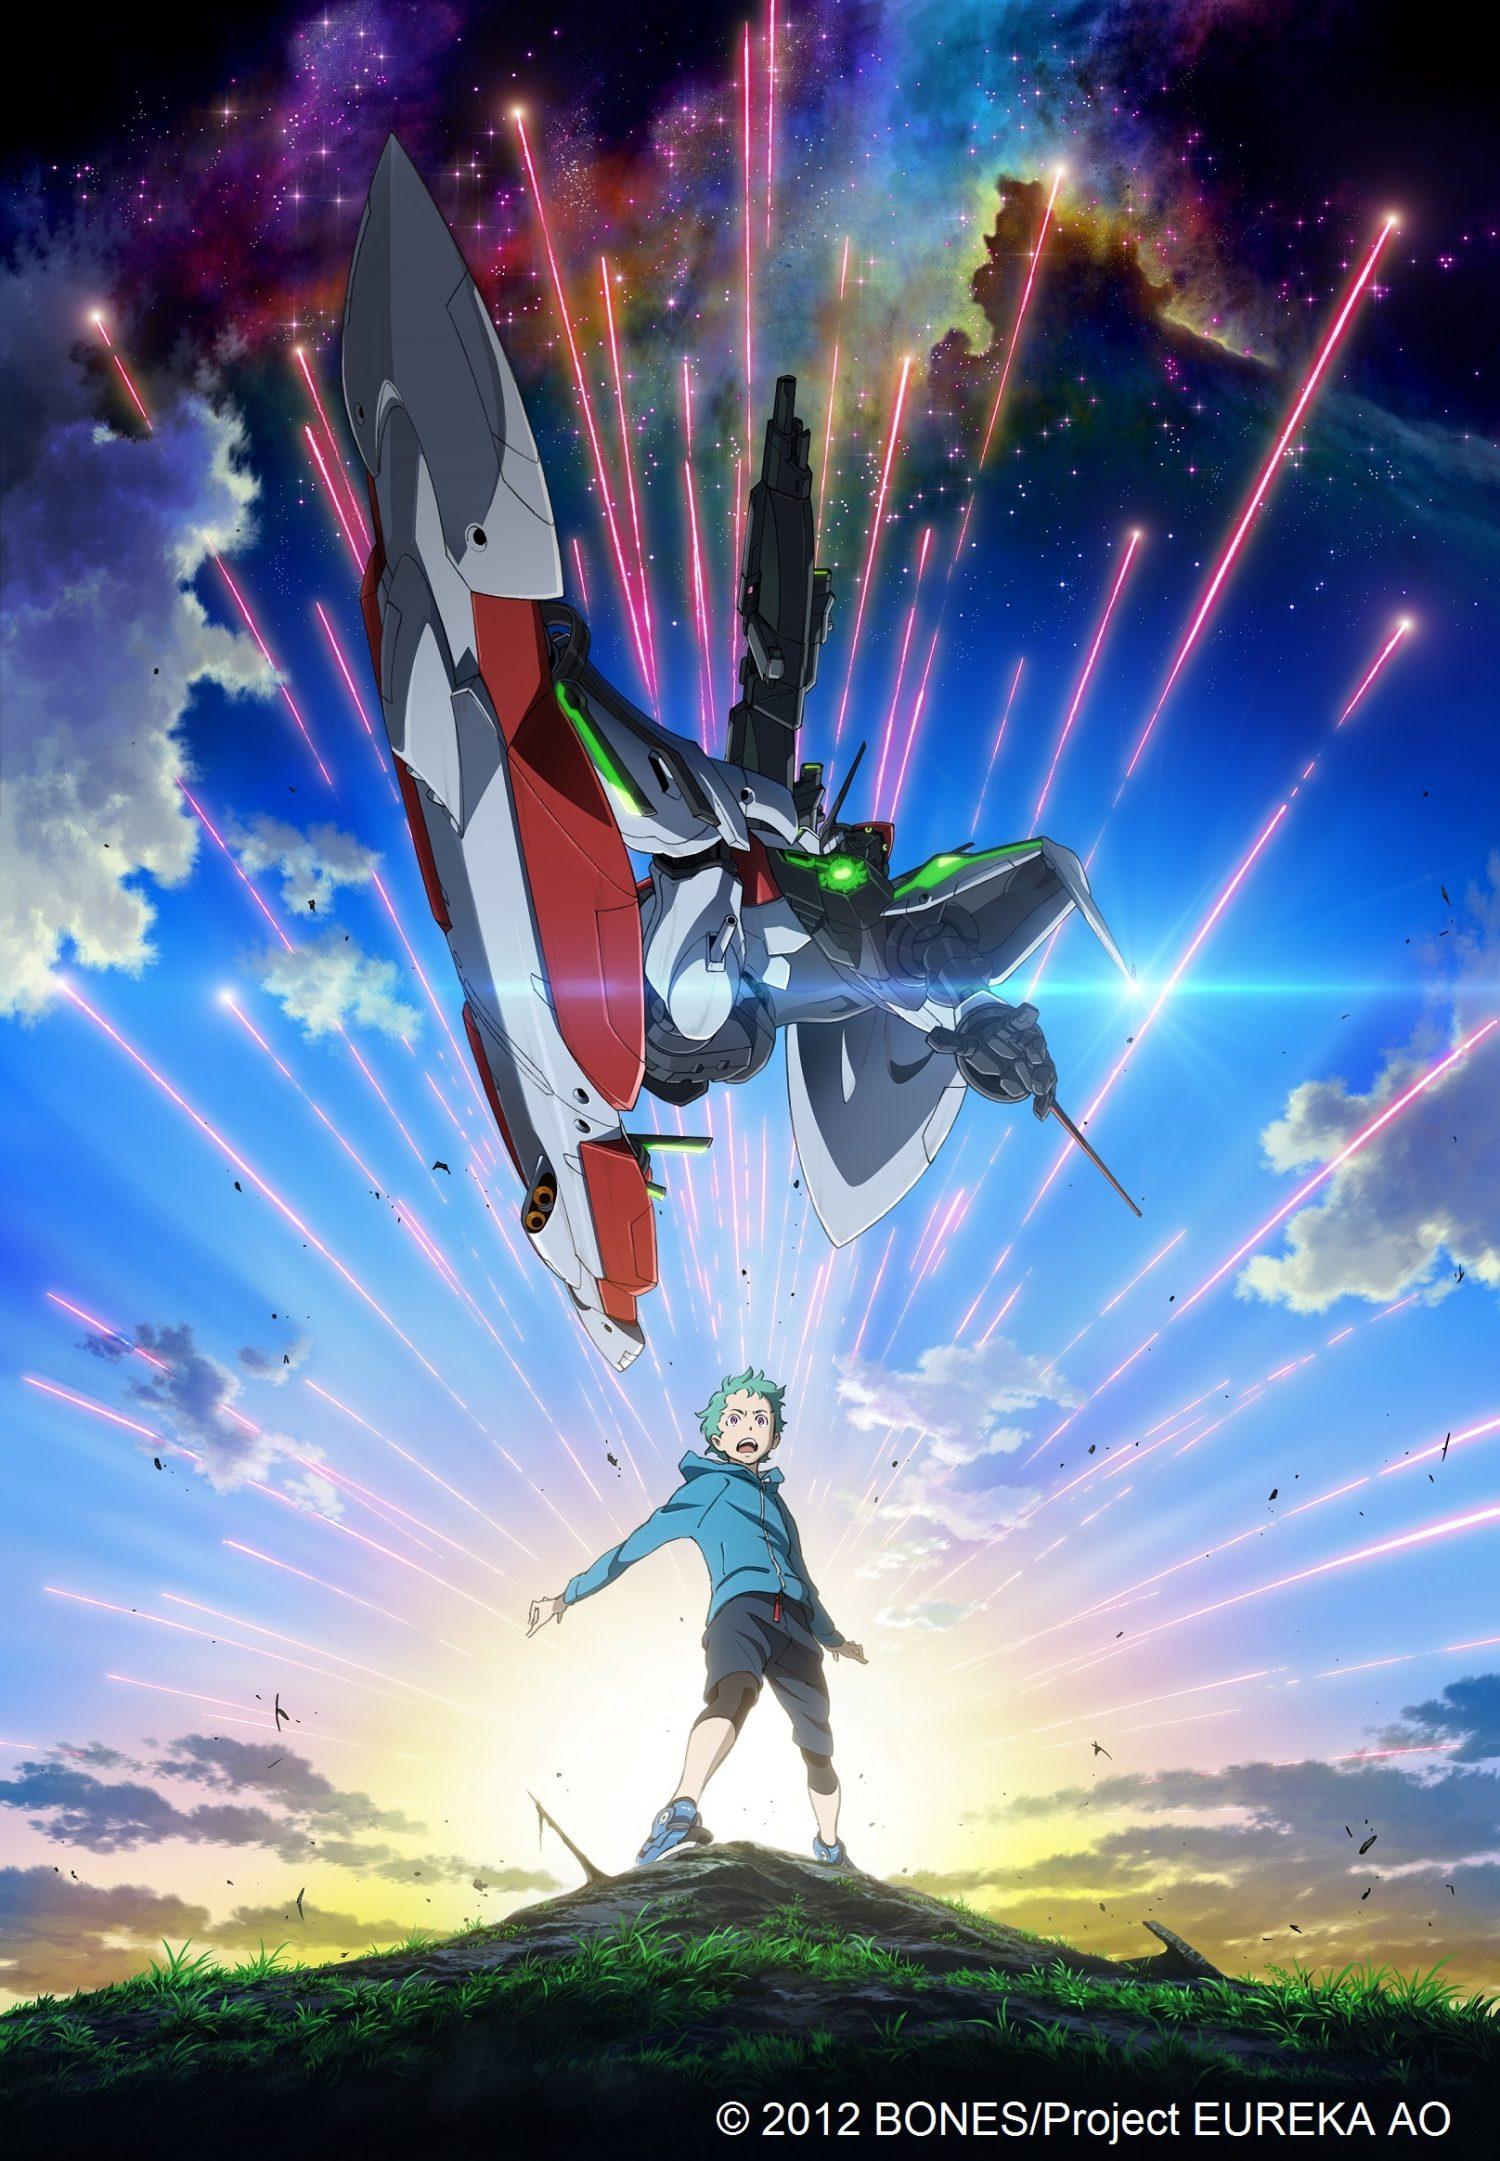 映画公開記念!TVシリーズ「エウレカセブンAO」Blu-ray BOX、発売決定!